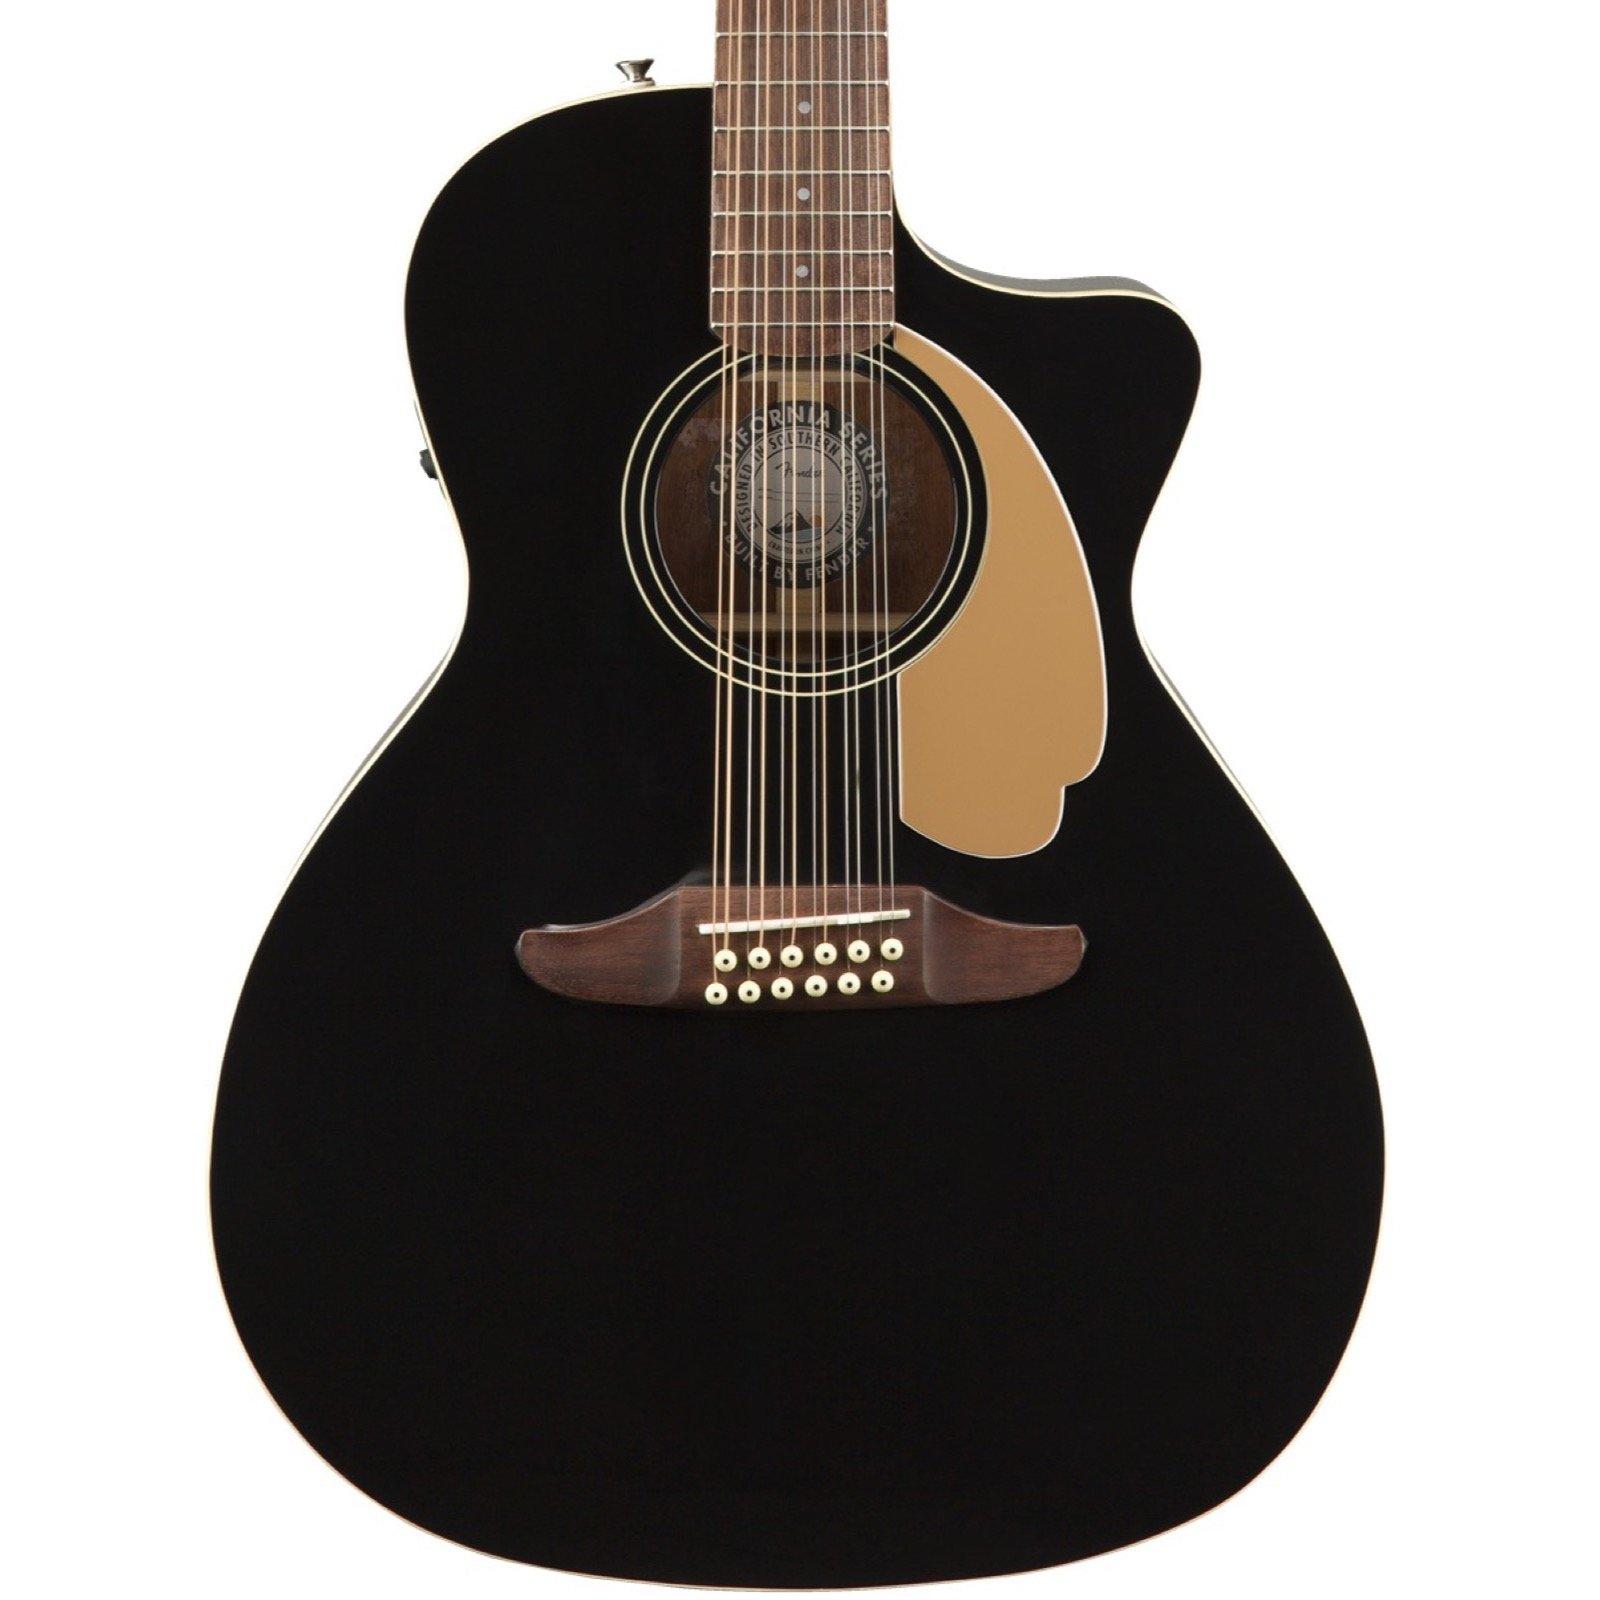 Fender Villager 12-String Acoustic-Electric Guitar - Black w/Gig Bag